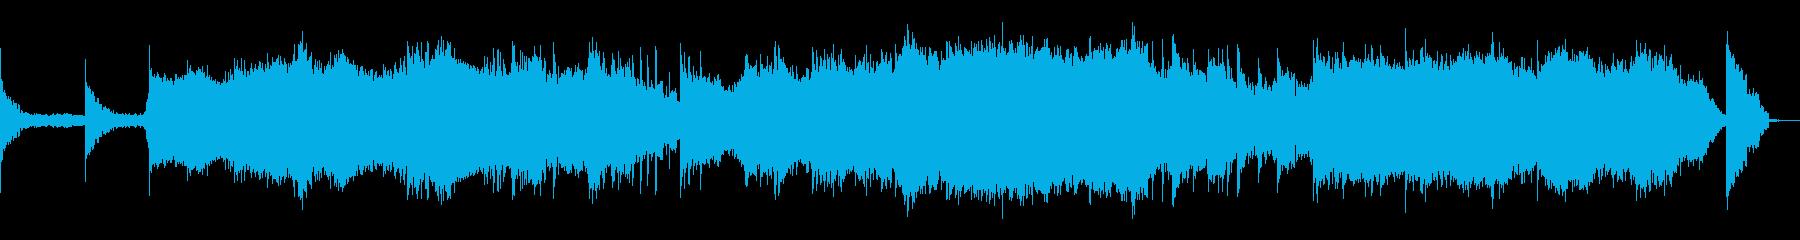 ニューエイジアンビエント。きらめく...の再生済みの波形